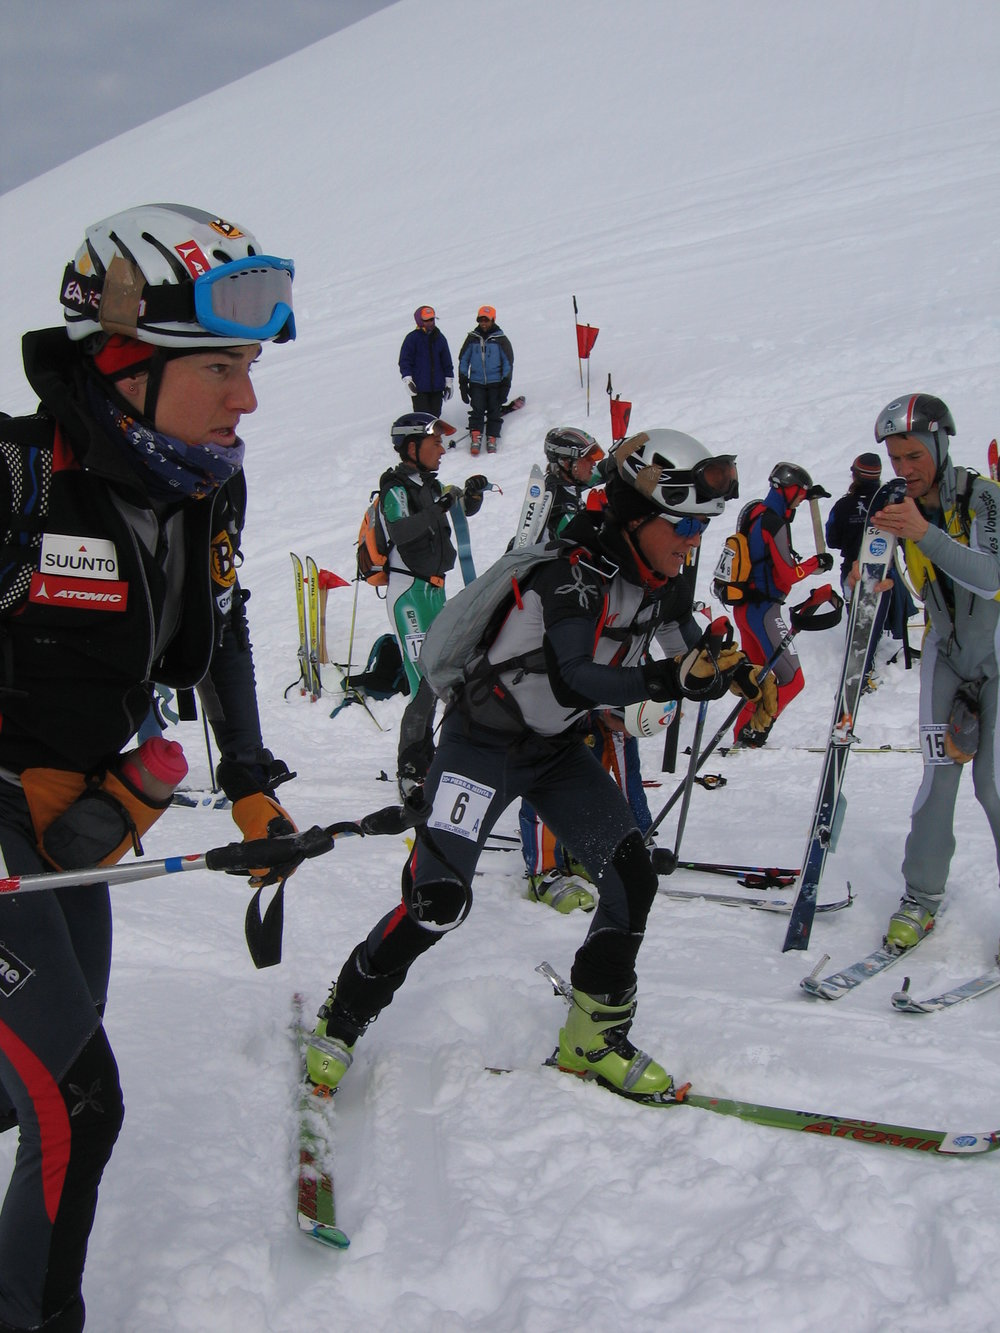 Jeannie Wall skier